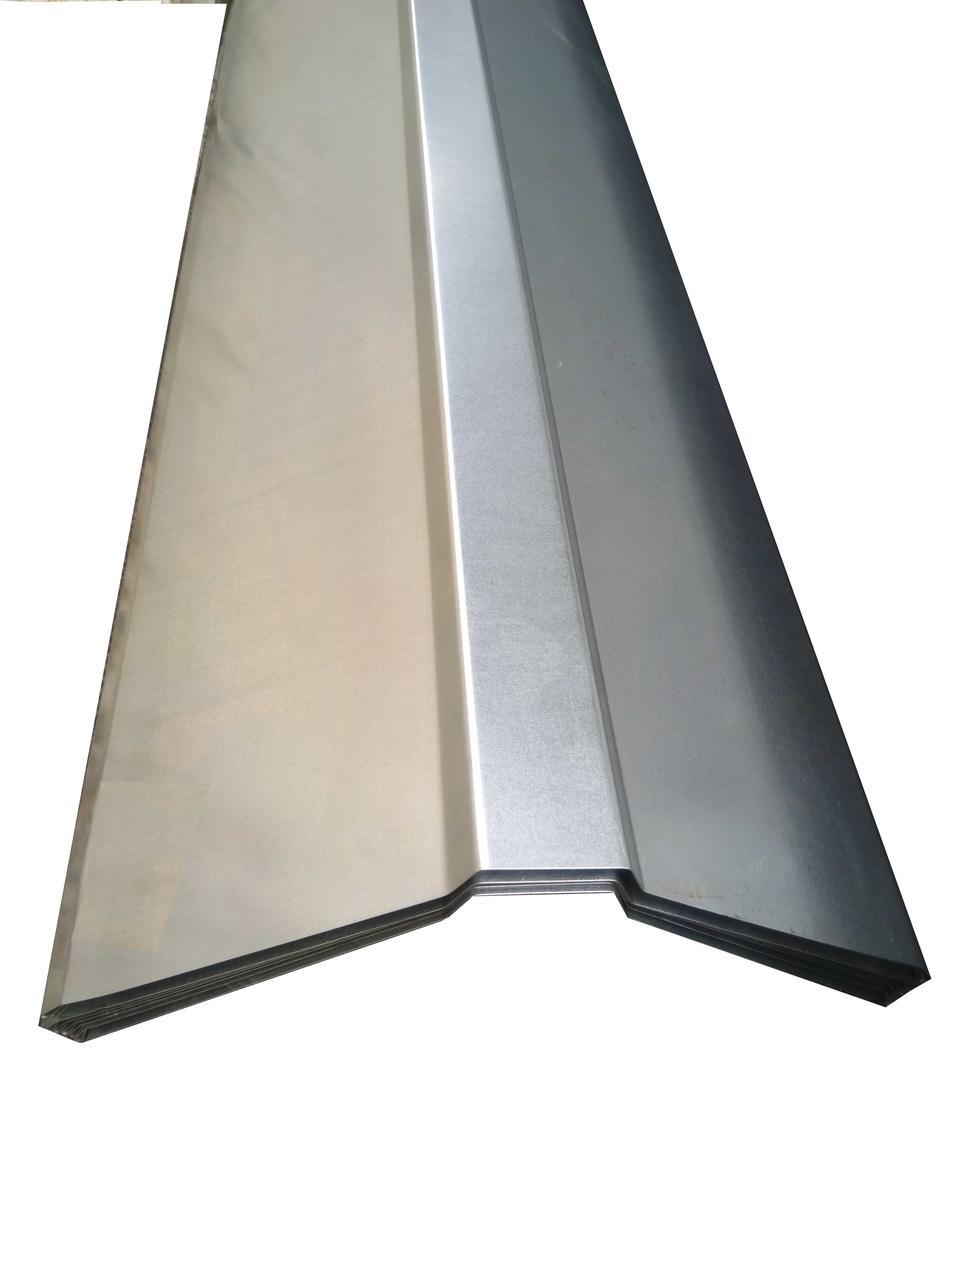 Планка конька плоского 120x120x2000 стального листа 0,45 мм,толщ. Оцинкованный